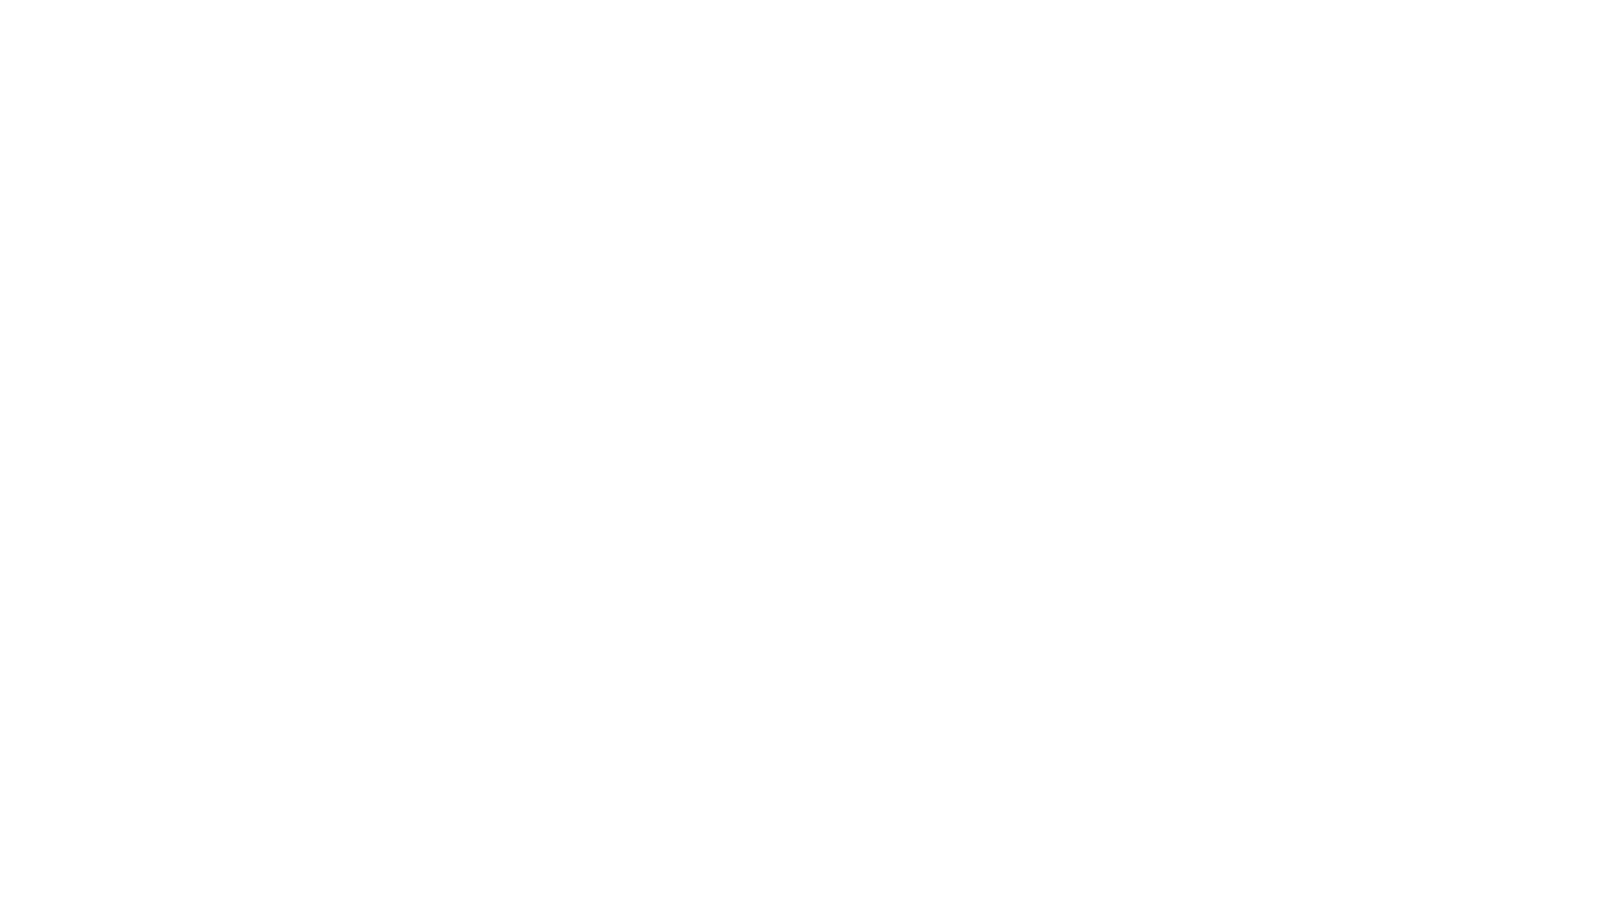 വിവേചന ഭീകരതയുടെ  ഞെട്ടിപ്പിക്കുന്ന കണക്കുകൾ.  മലബാർ വിദ്യാഭ്യാസ വിവേചനത്തിൻ്റെ വർത്തമാനങ്ങൾ |ബഷീർ തൃപ്പനച്ചി (ഫ്രറ്റേണിറ്റി മൂവ്മെന്റ് സംസ്ഥാന  കമ്മിറ്റിയംഗം)